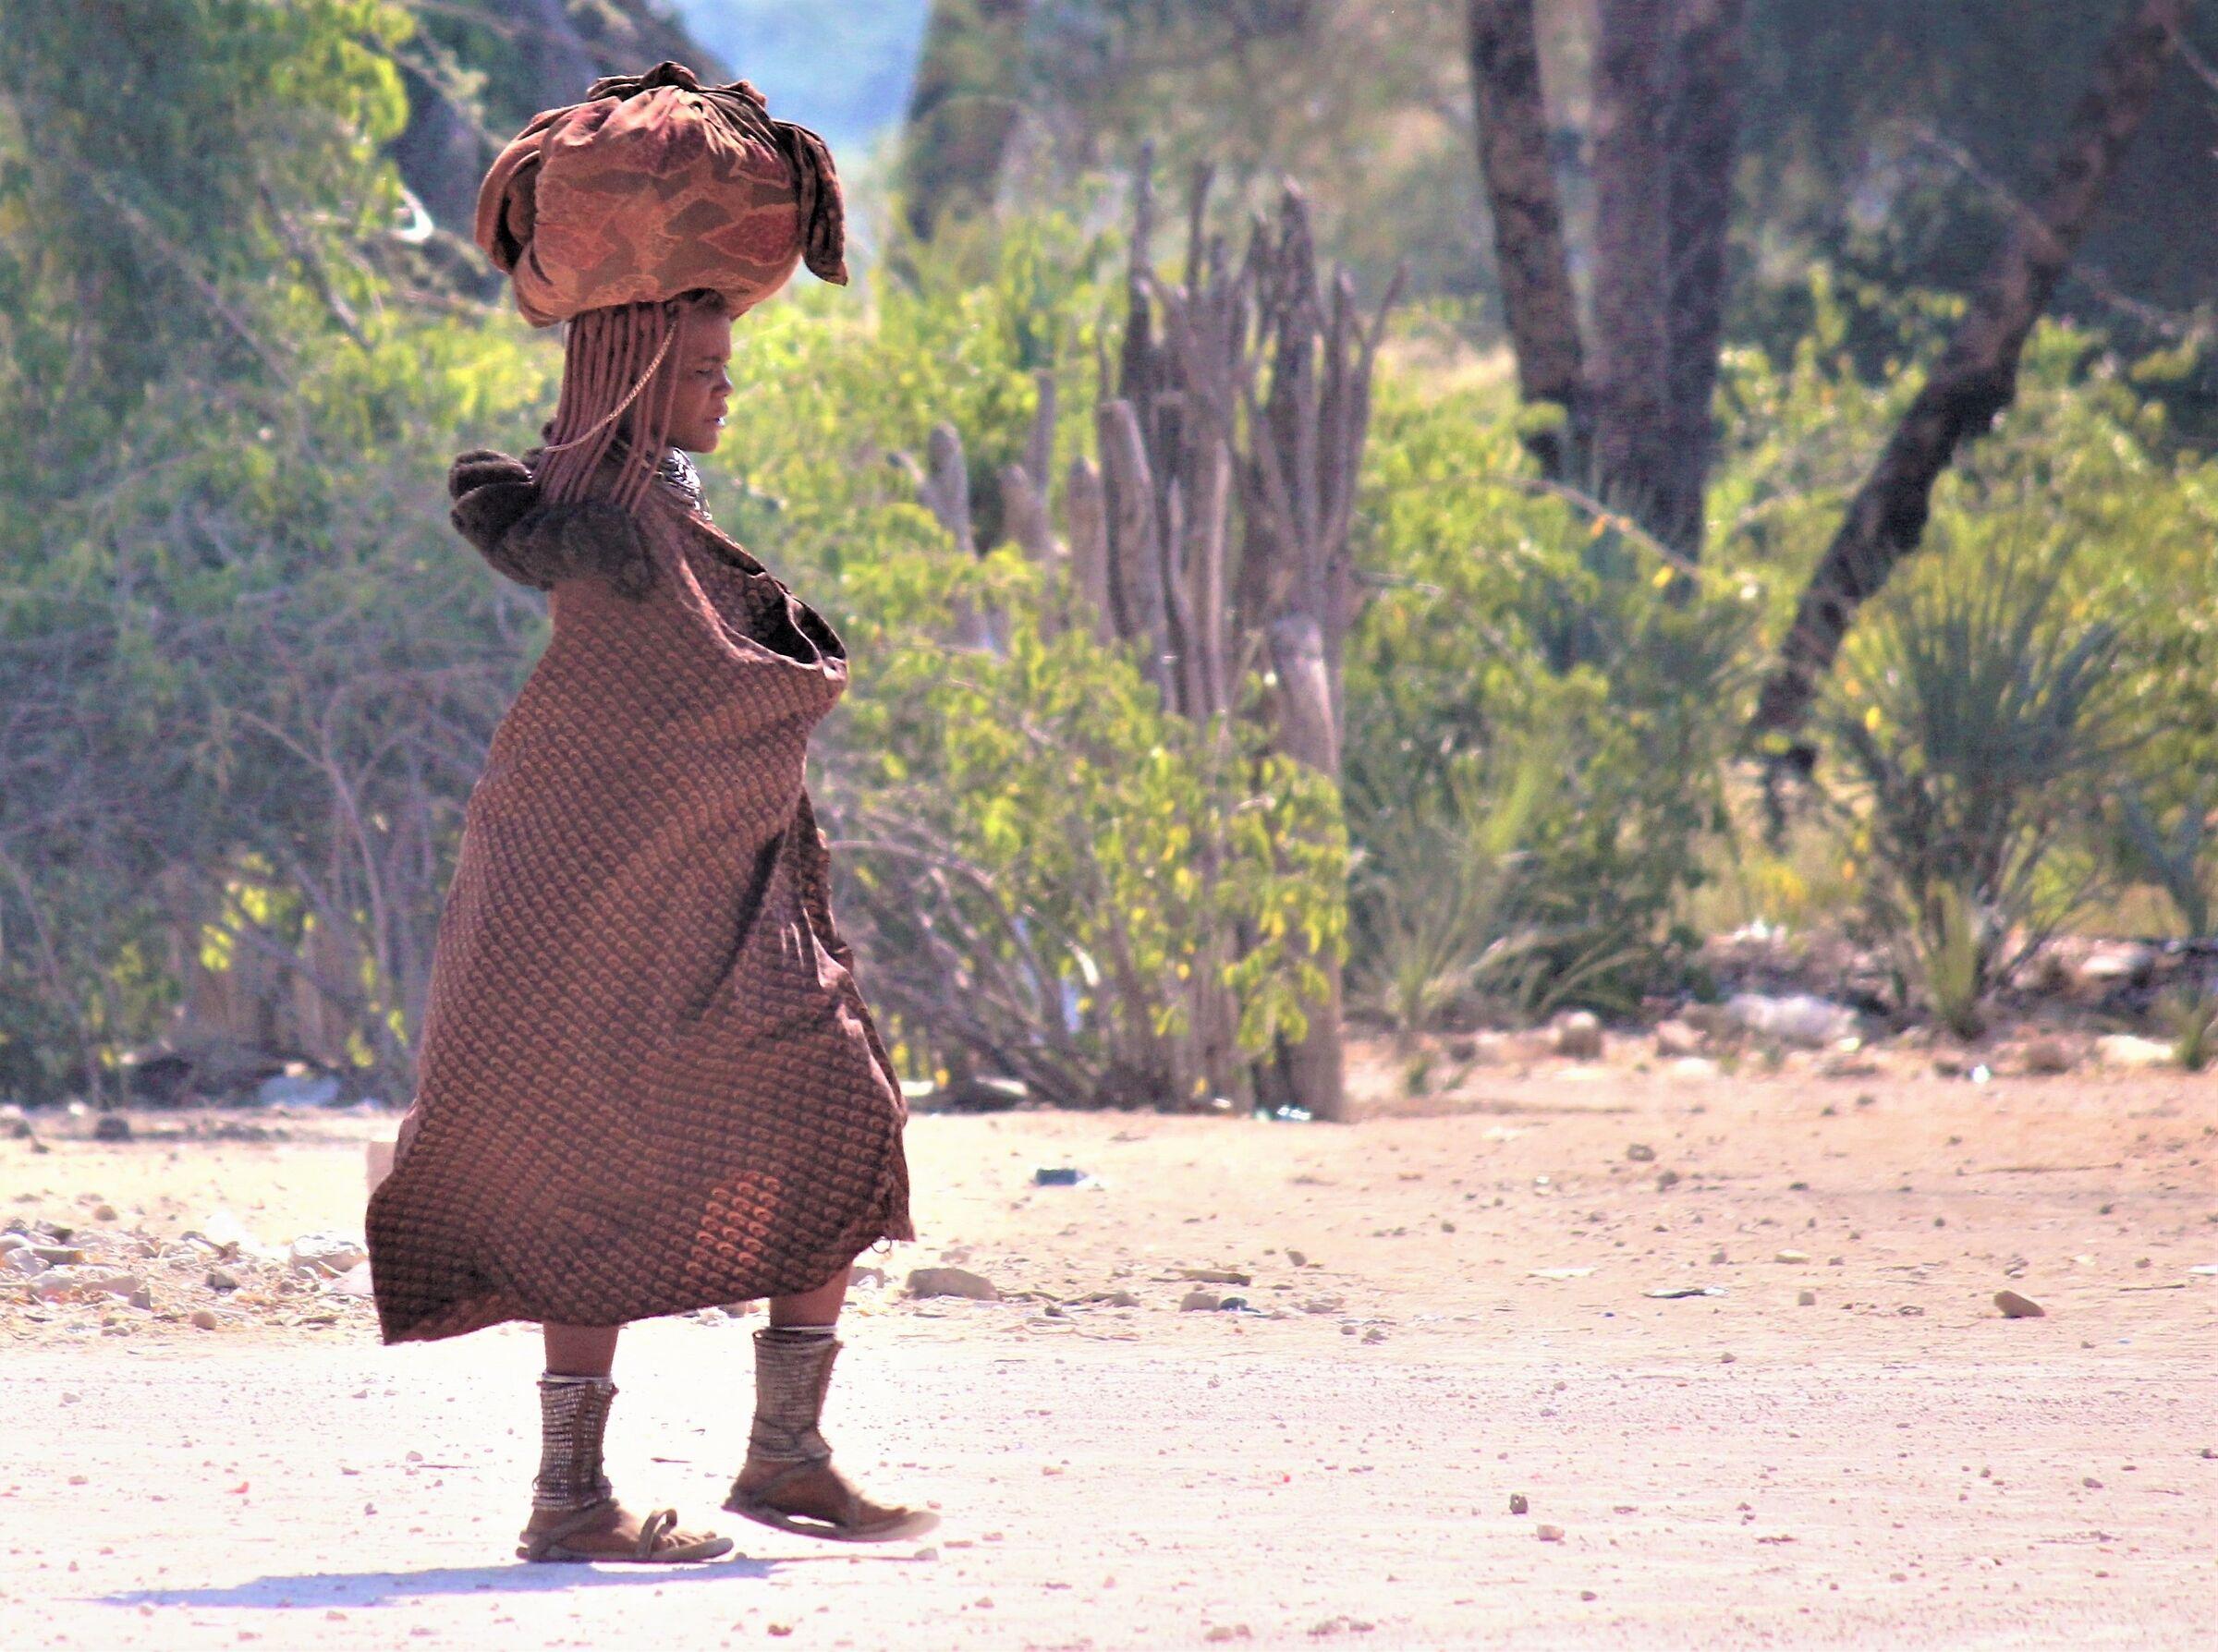 On a dusty road in Kaokoland...